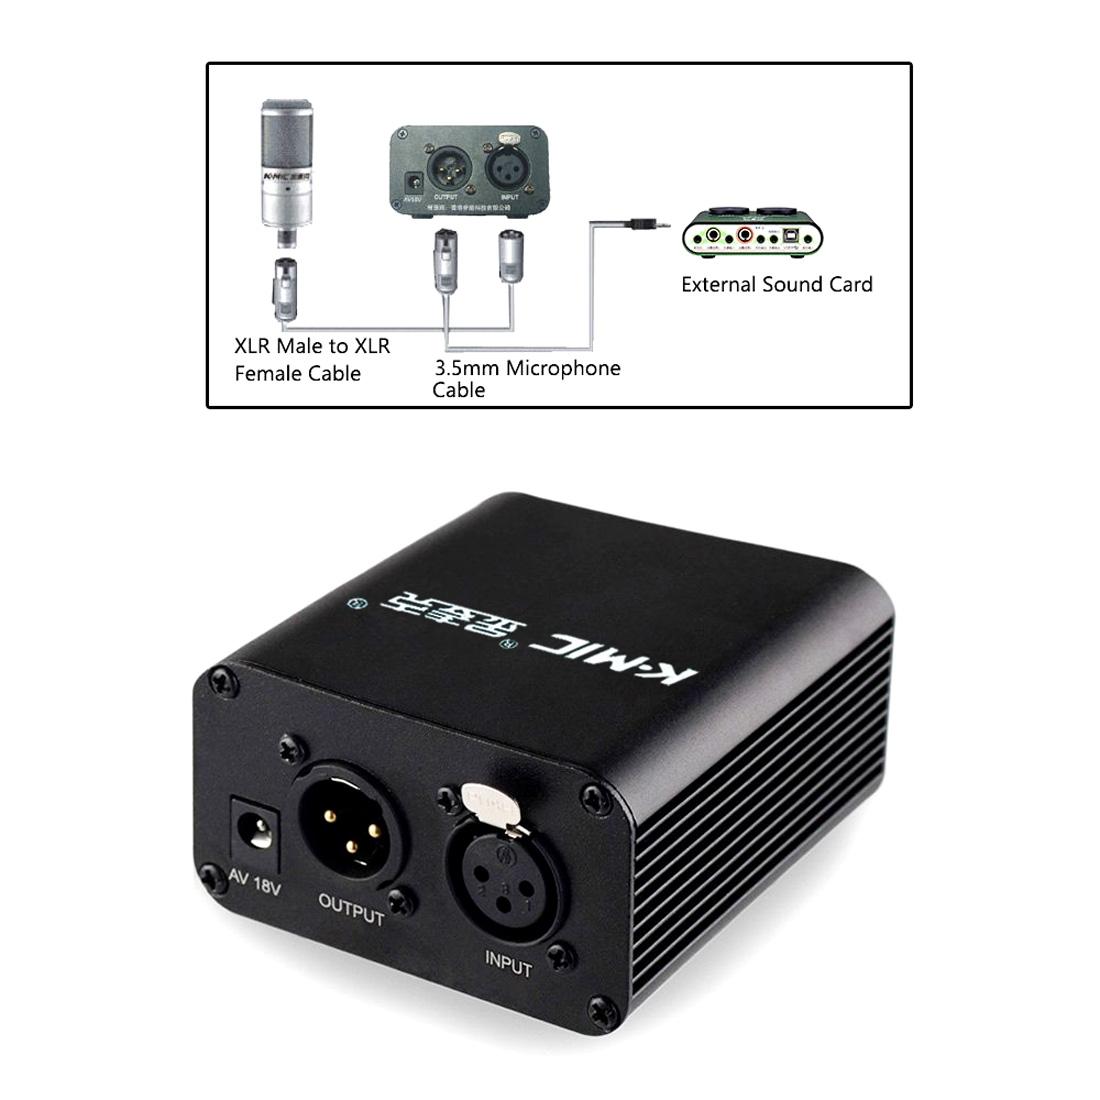 K-Mic/ золото майк PM800 емкость микрофон микрофон 48V нет шум звук фантазия нереальный так адаптер питания